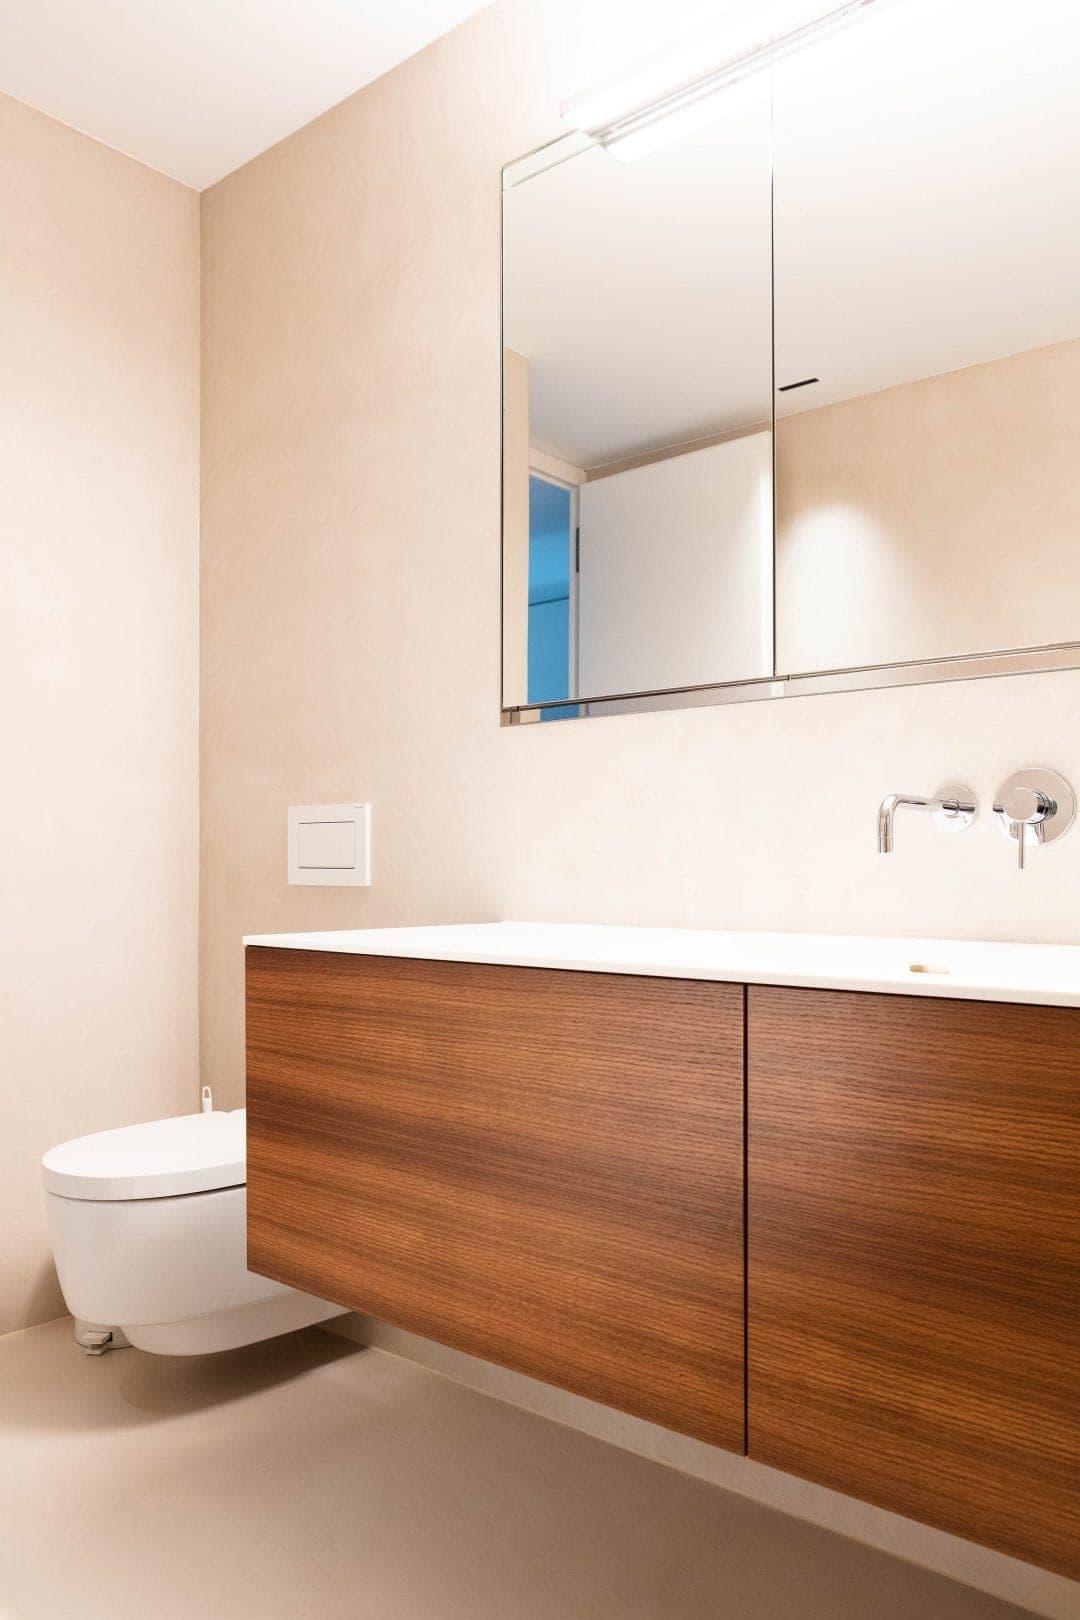 Odermatt Ideenschreinerei Bad Toilette Spiegel Lavabo